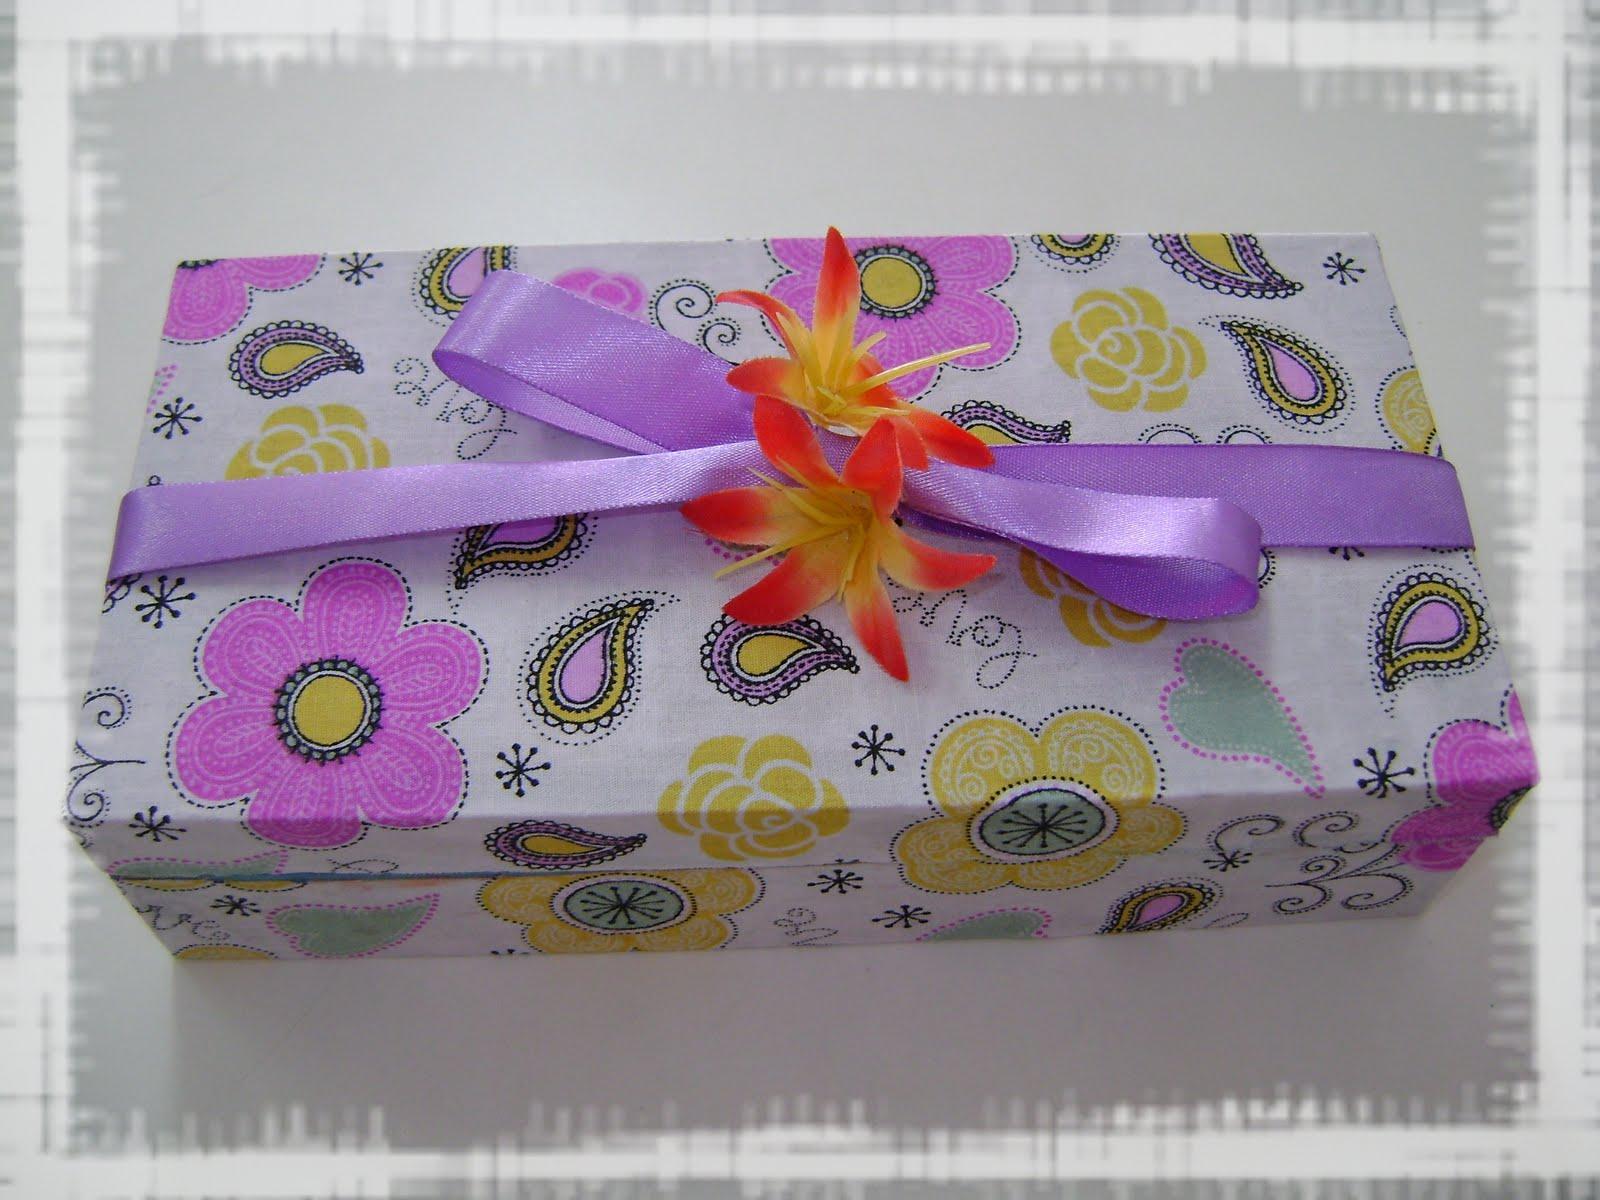 Cria Criativa: Sugestão de Presente: Caixa Madeira com Brigadeiros  #AC271F 1600x1200